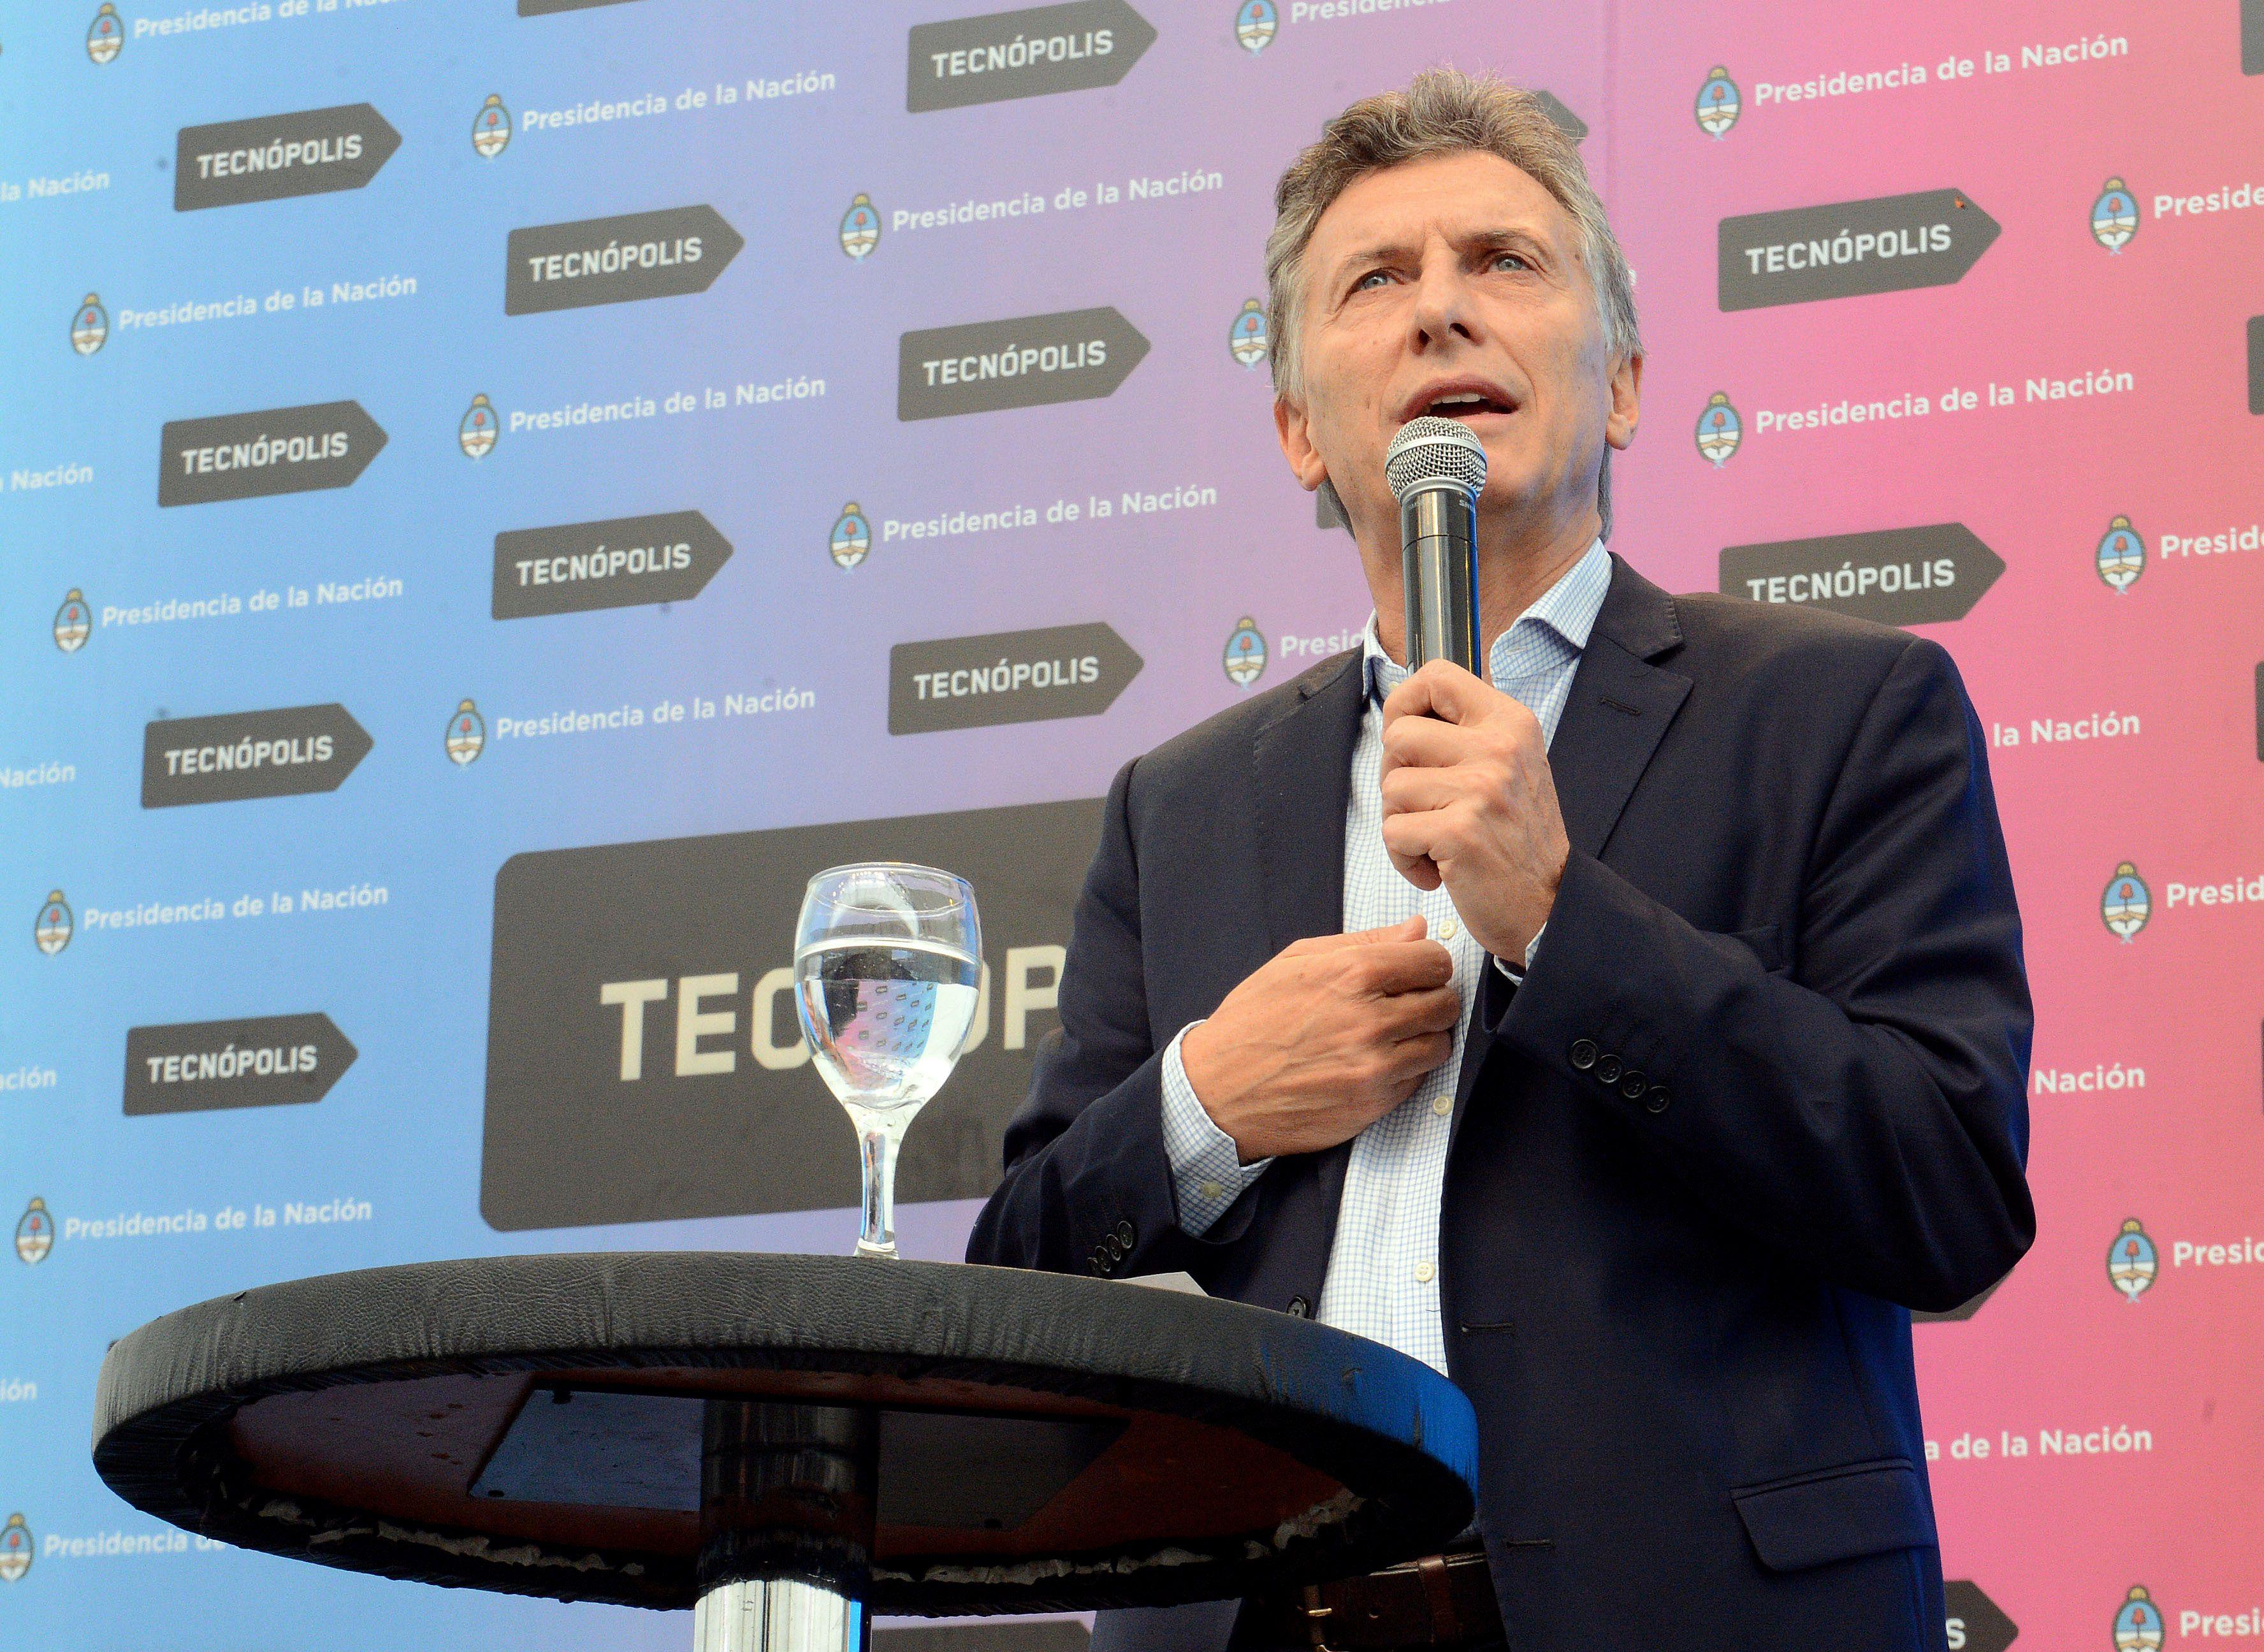 Macri sostuvo que busca darle impulso a la ciencia y el desarrollo tecnológico